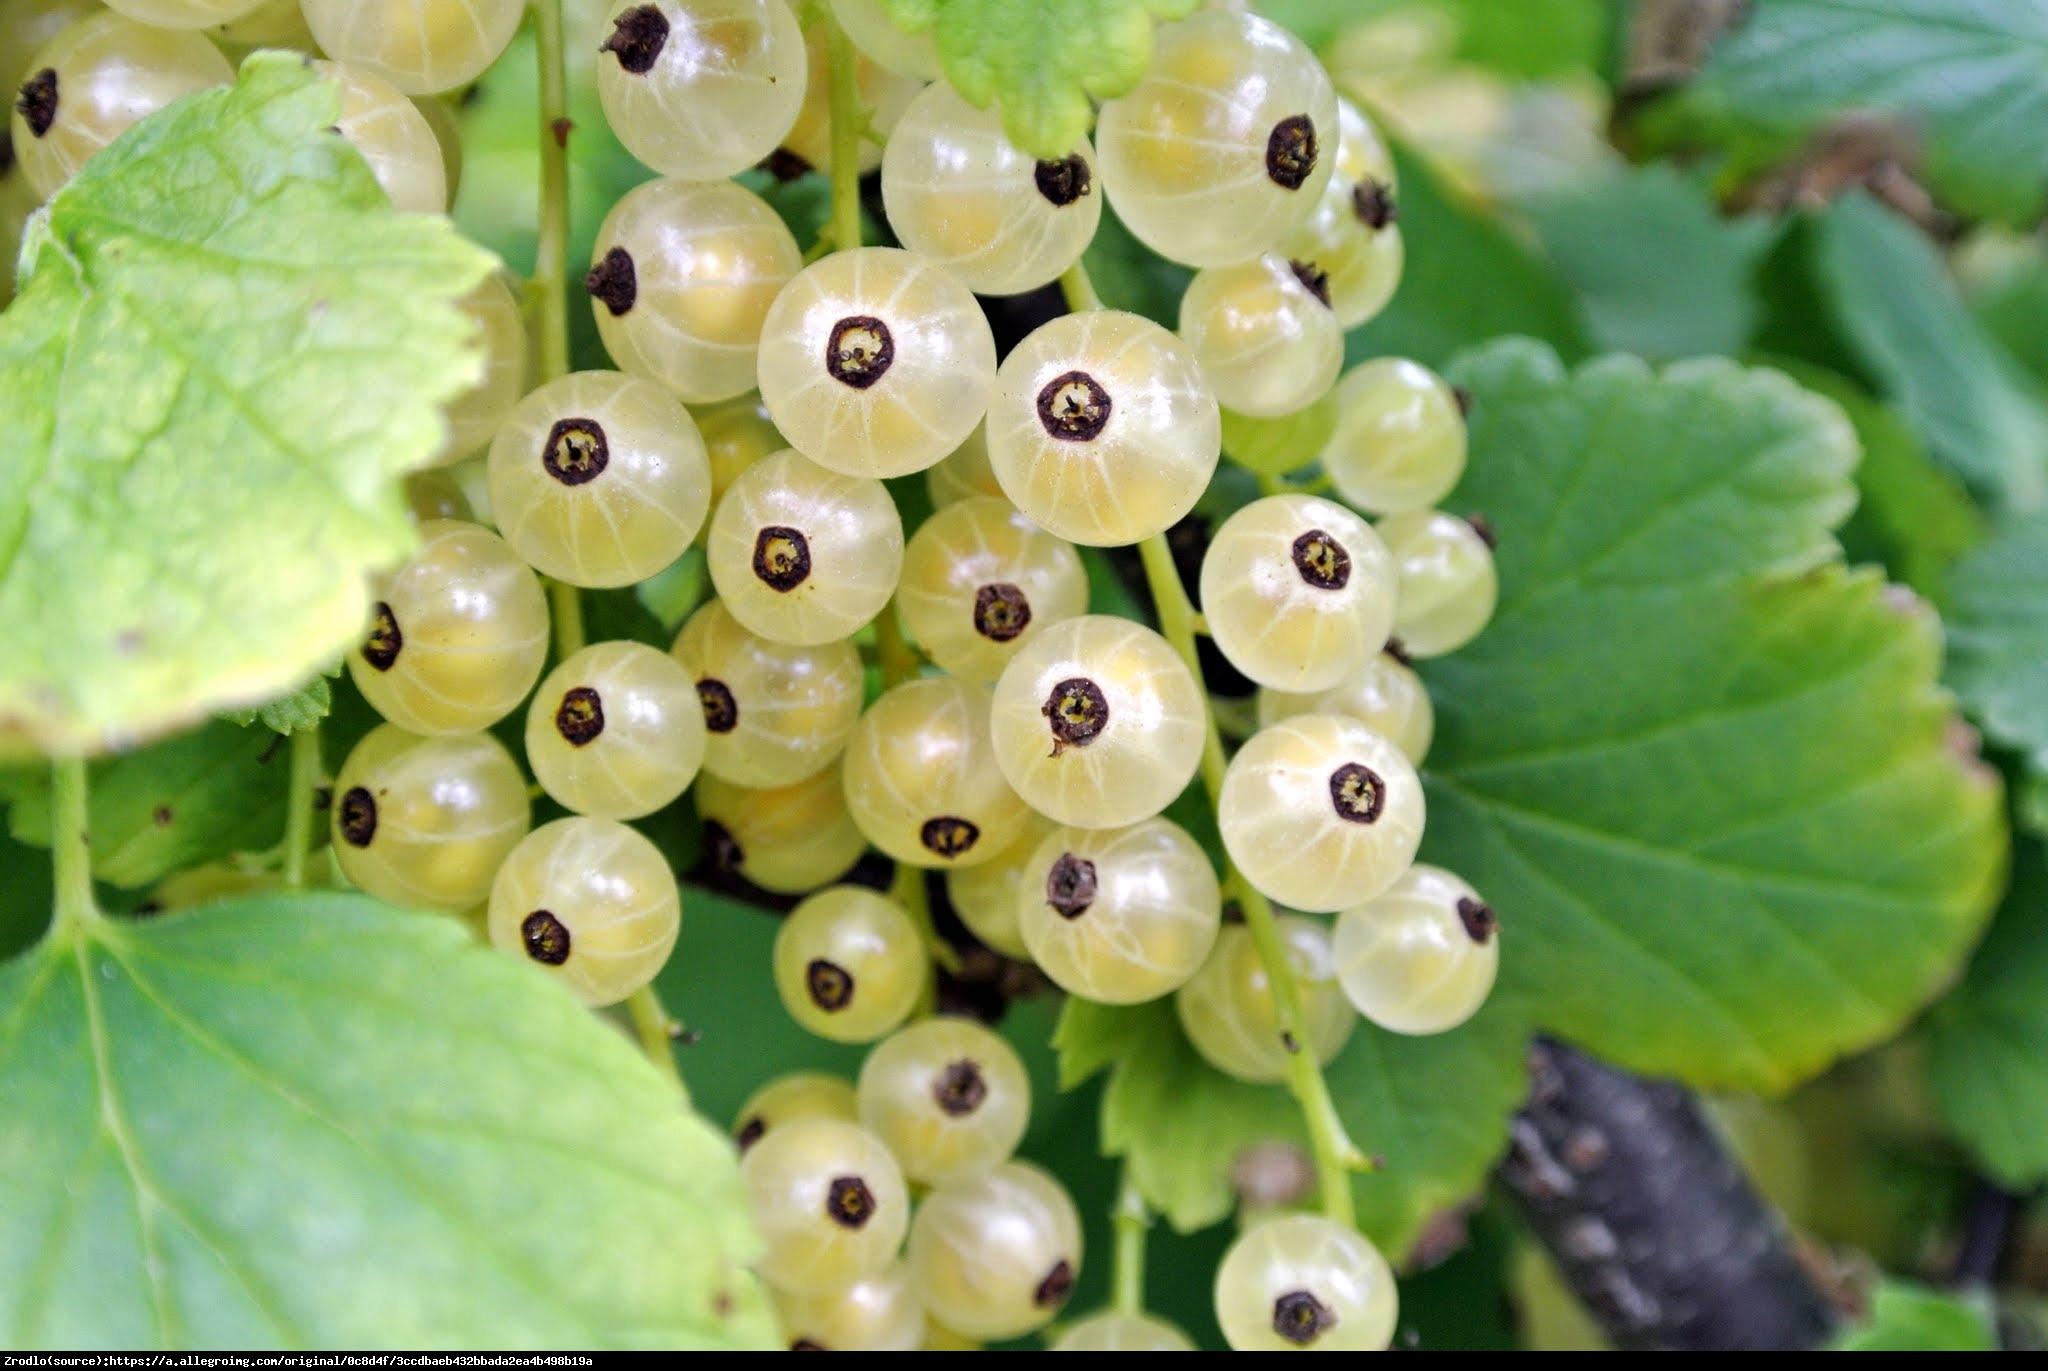 Porzeczka biała - Ribes niveum